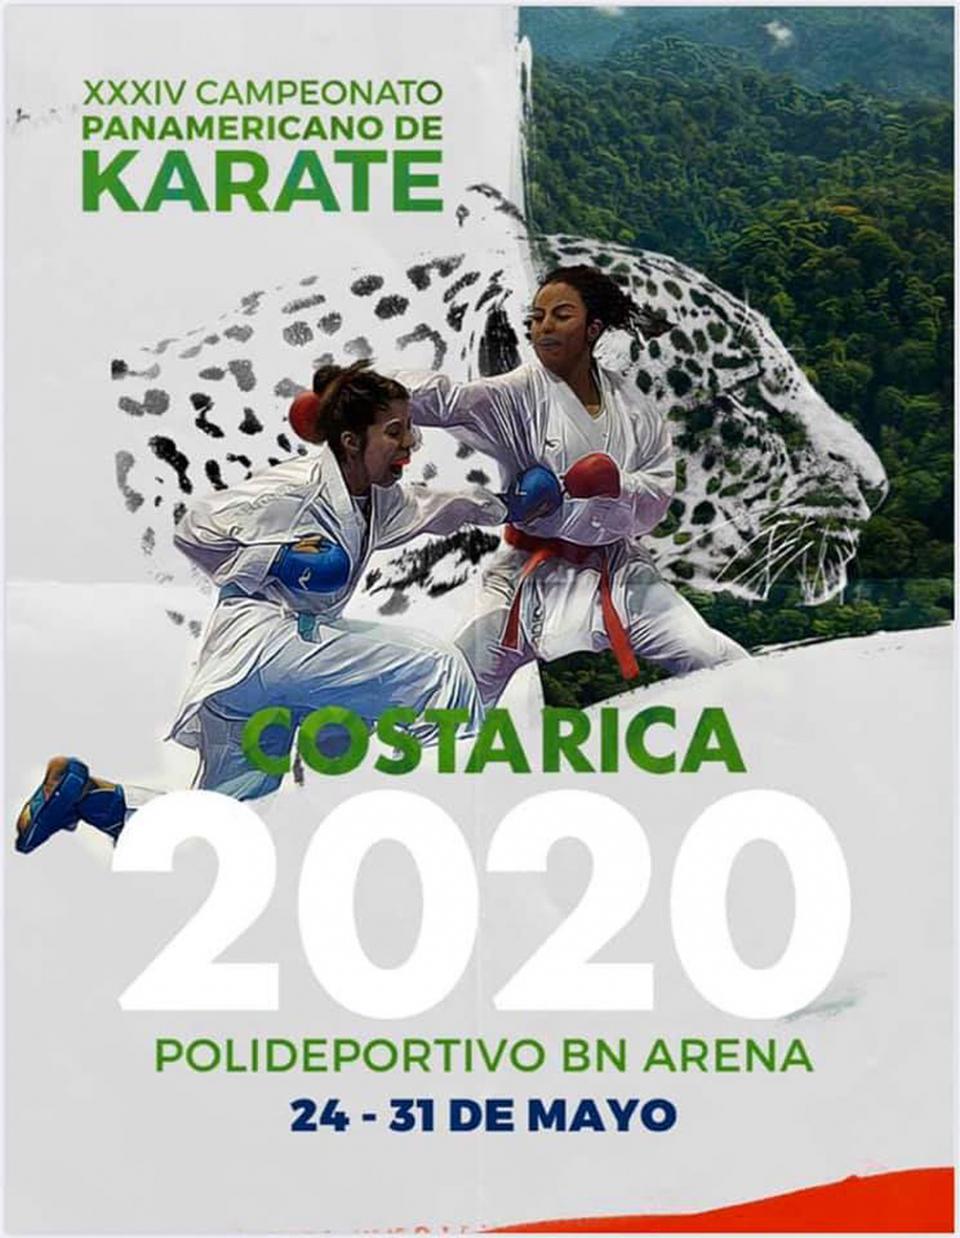 Se suspende el Campeonato Panamericano de Karate en Costa Rica